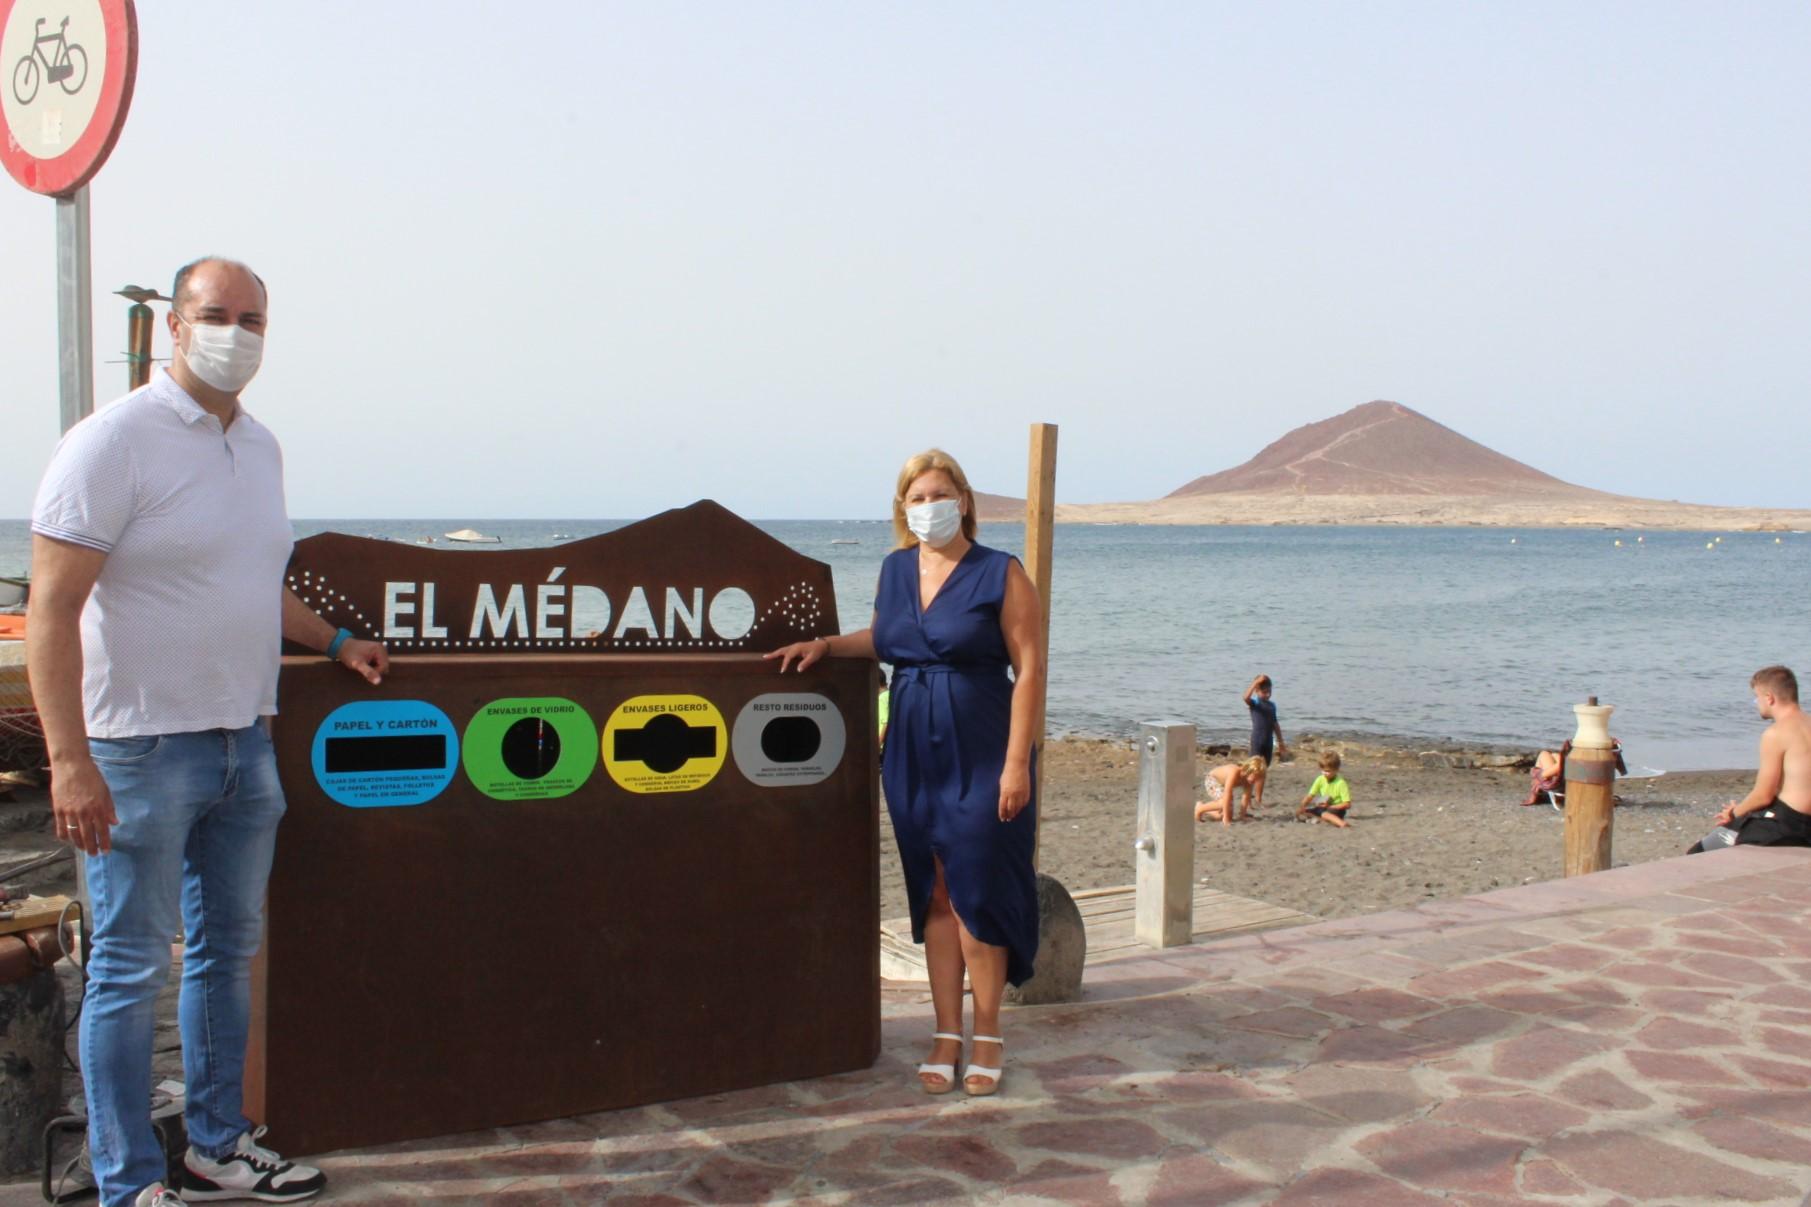 Papelera clasificación residuos de Playa Chica, Granadilla. Tenerife